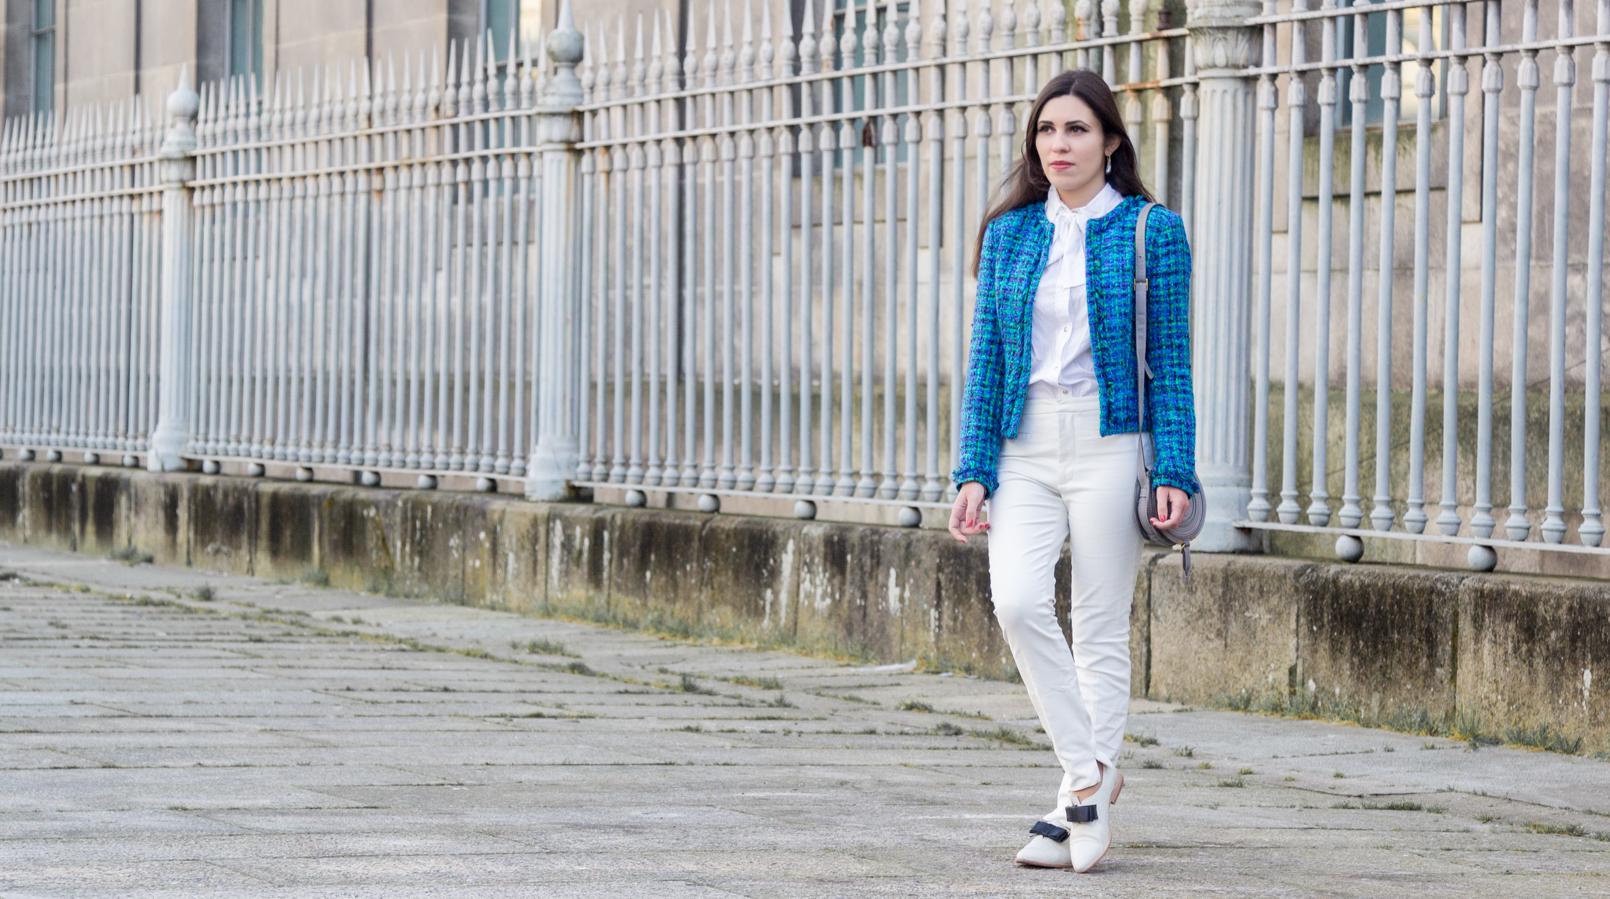 Le Fashionaire Influenciadores: liberdade ou manipulação? blogueira catarine martins casaco tweed azul verde globe calcas brancas zara camisa branca laco vitoriana hm sapatos brancos laco preto eureka 8269F PT